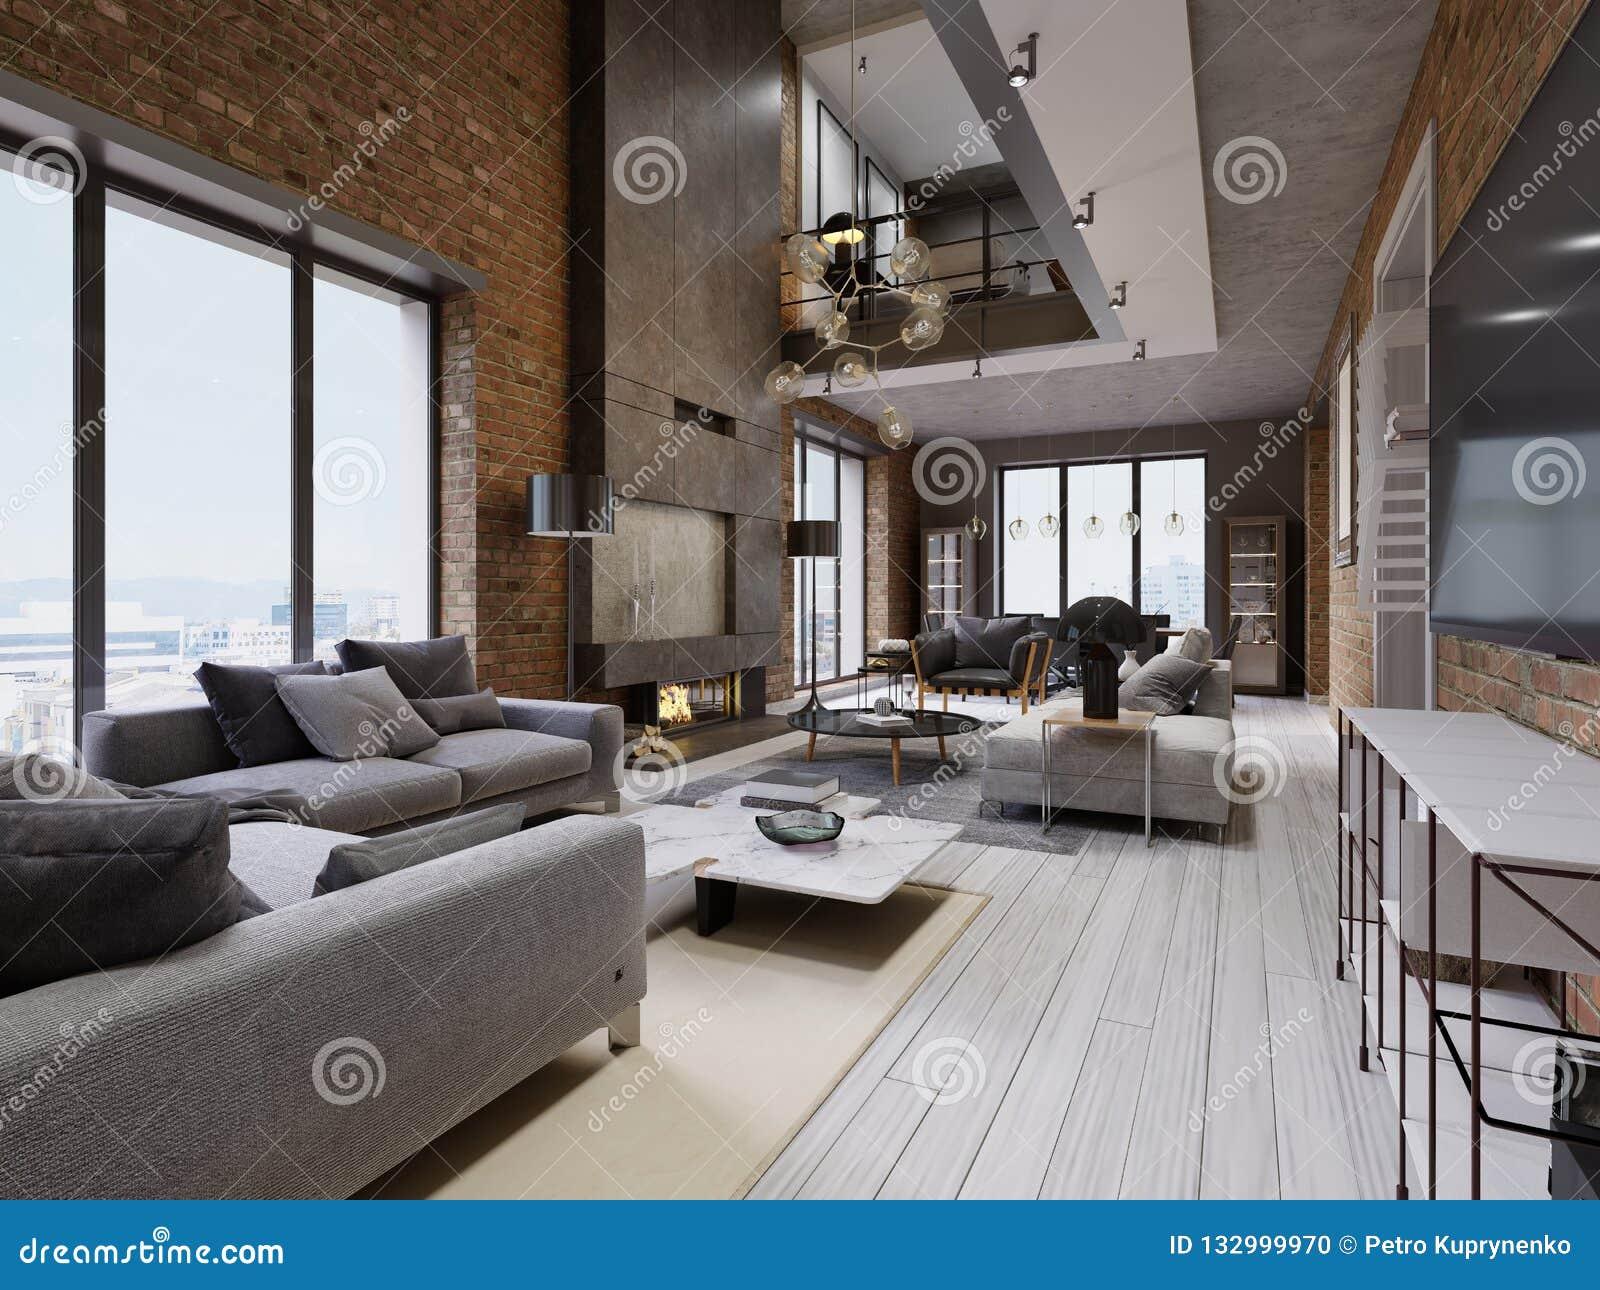 Idee Tapisserie Salle A Manger salon moderne de grenier avec à haut plafond, le sofa, le